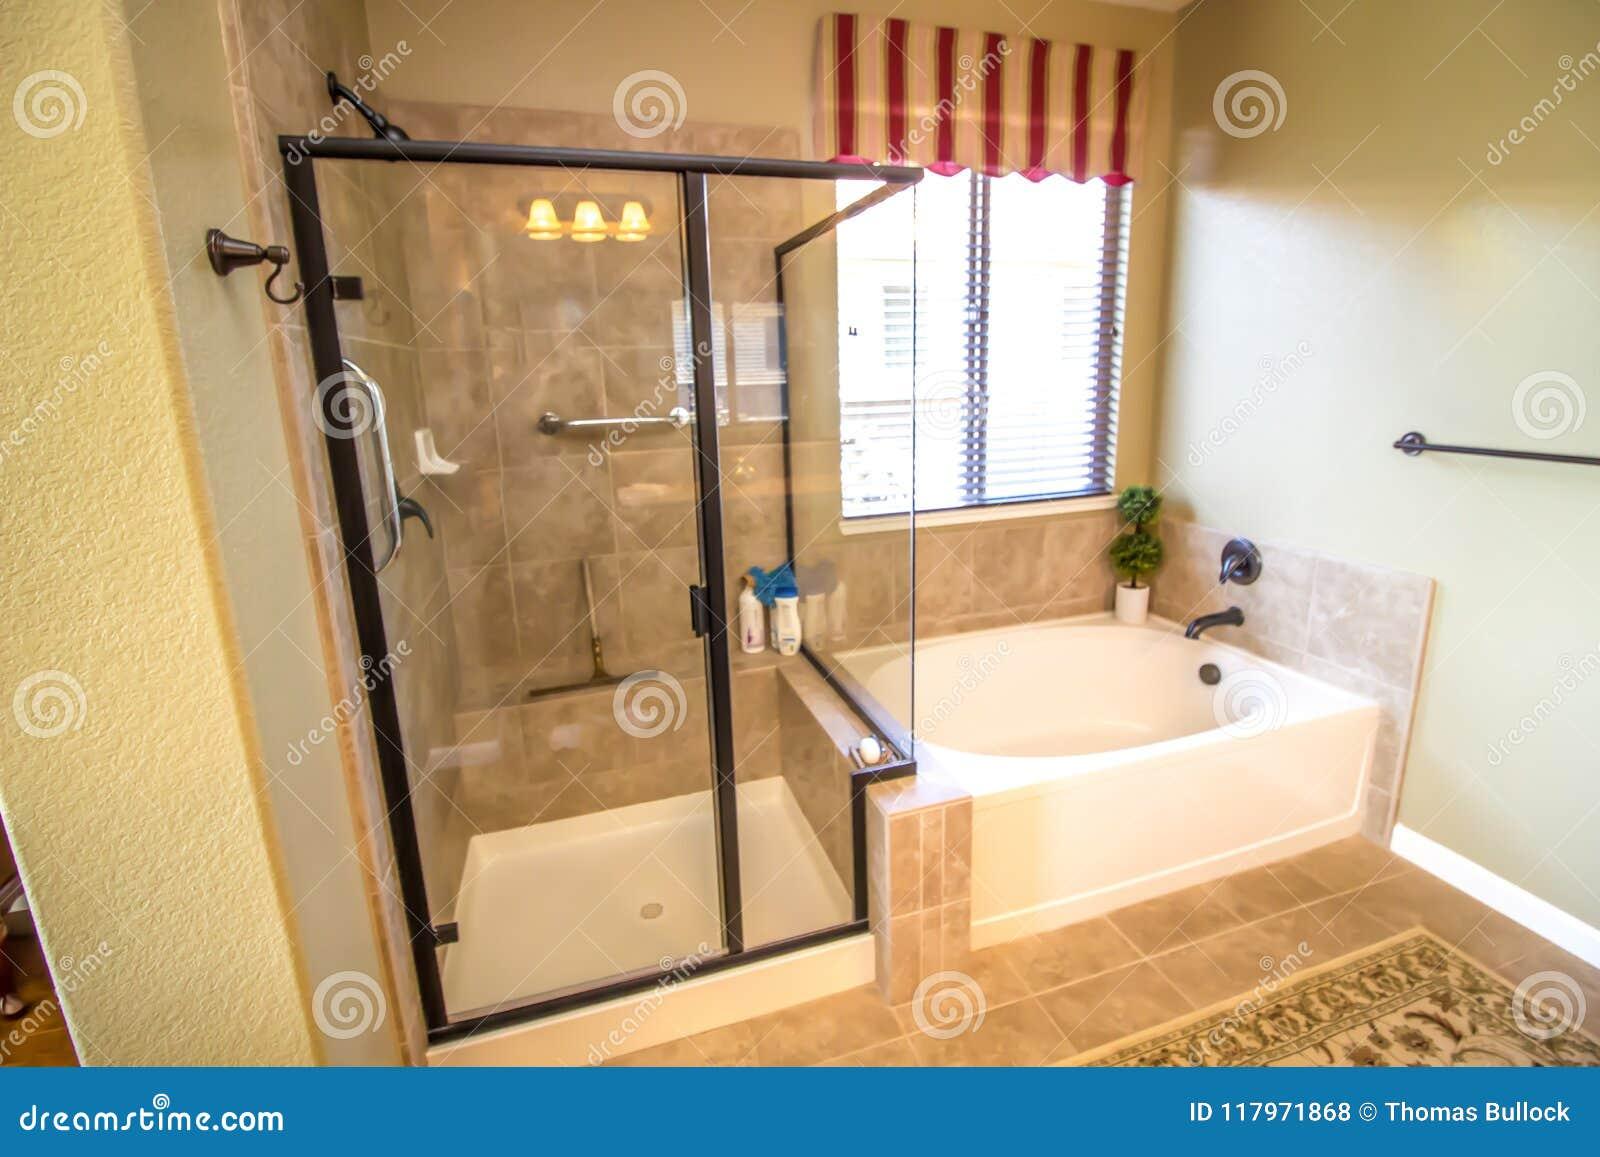 Cuarto de ba o moderno con la ducha y la tina foto de for Fotos de cuartos de bano con ducha modernos